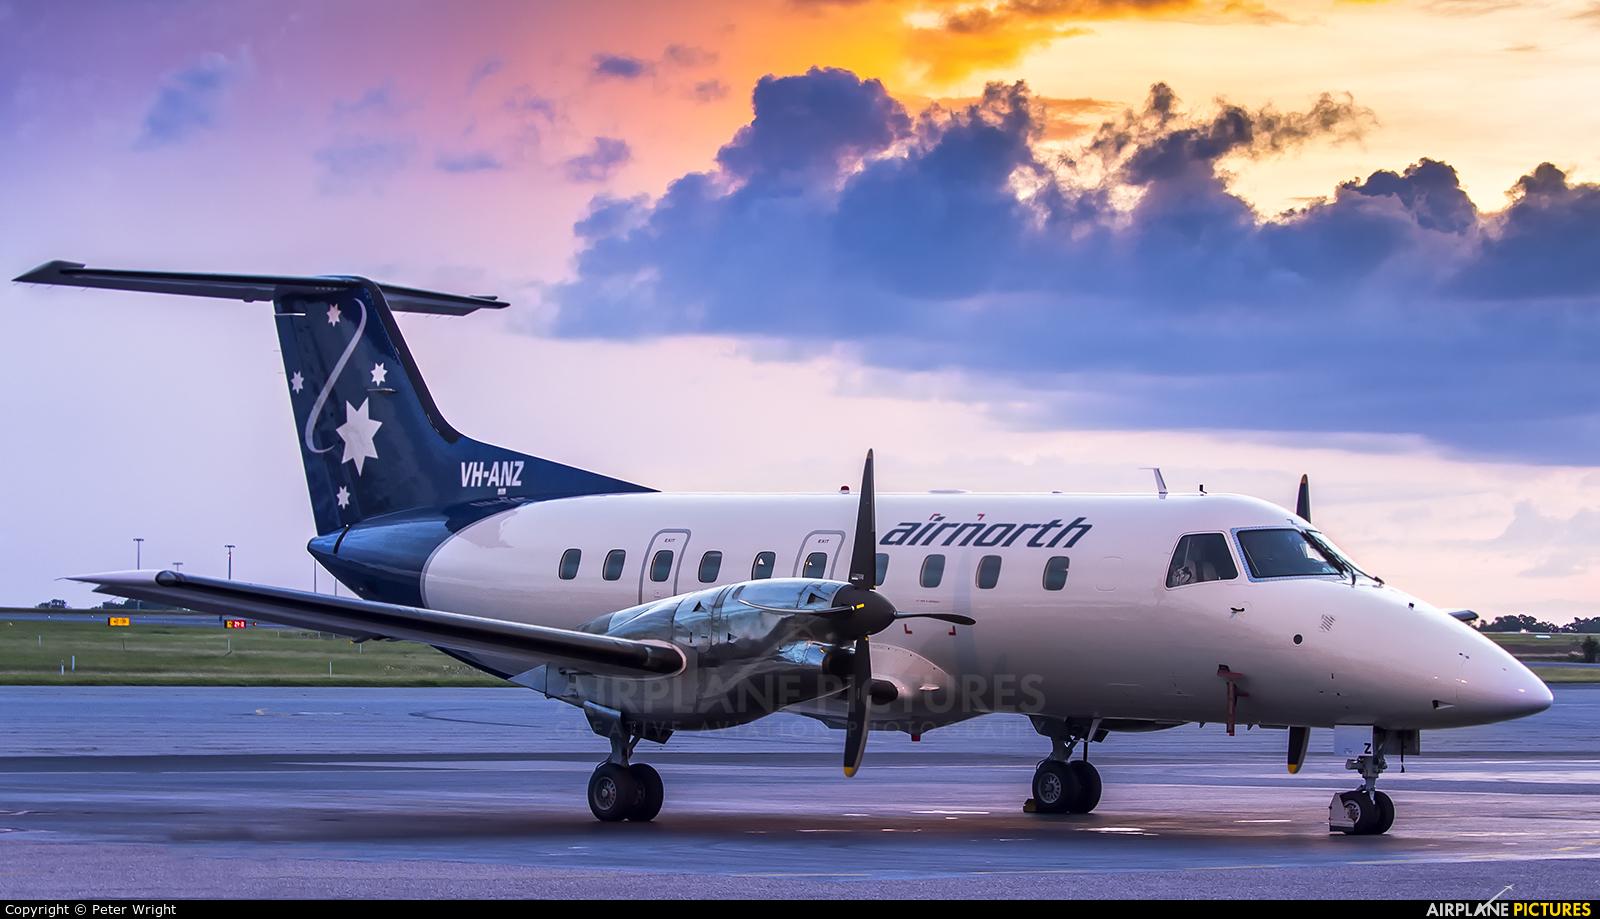 Air North VH-ANZ aircraft at Darwin international airport